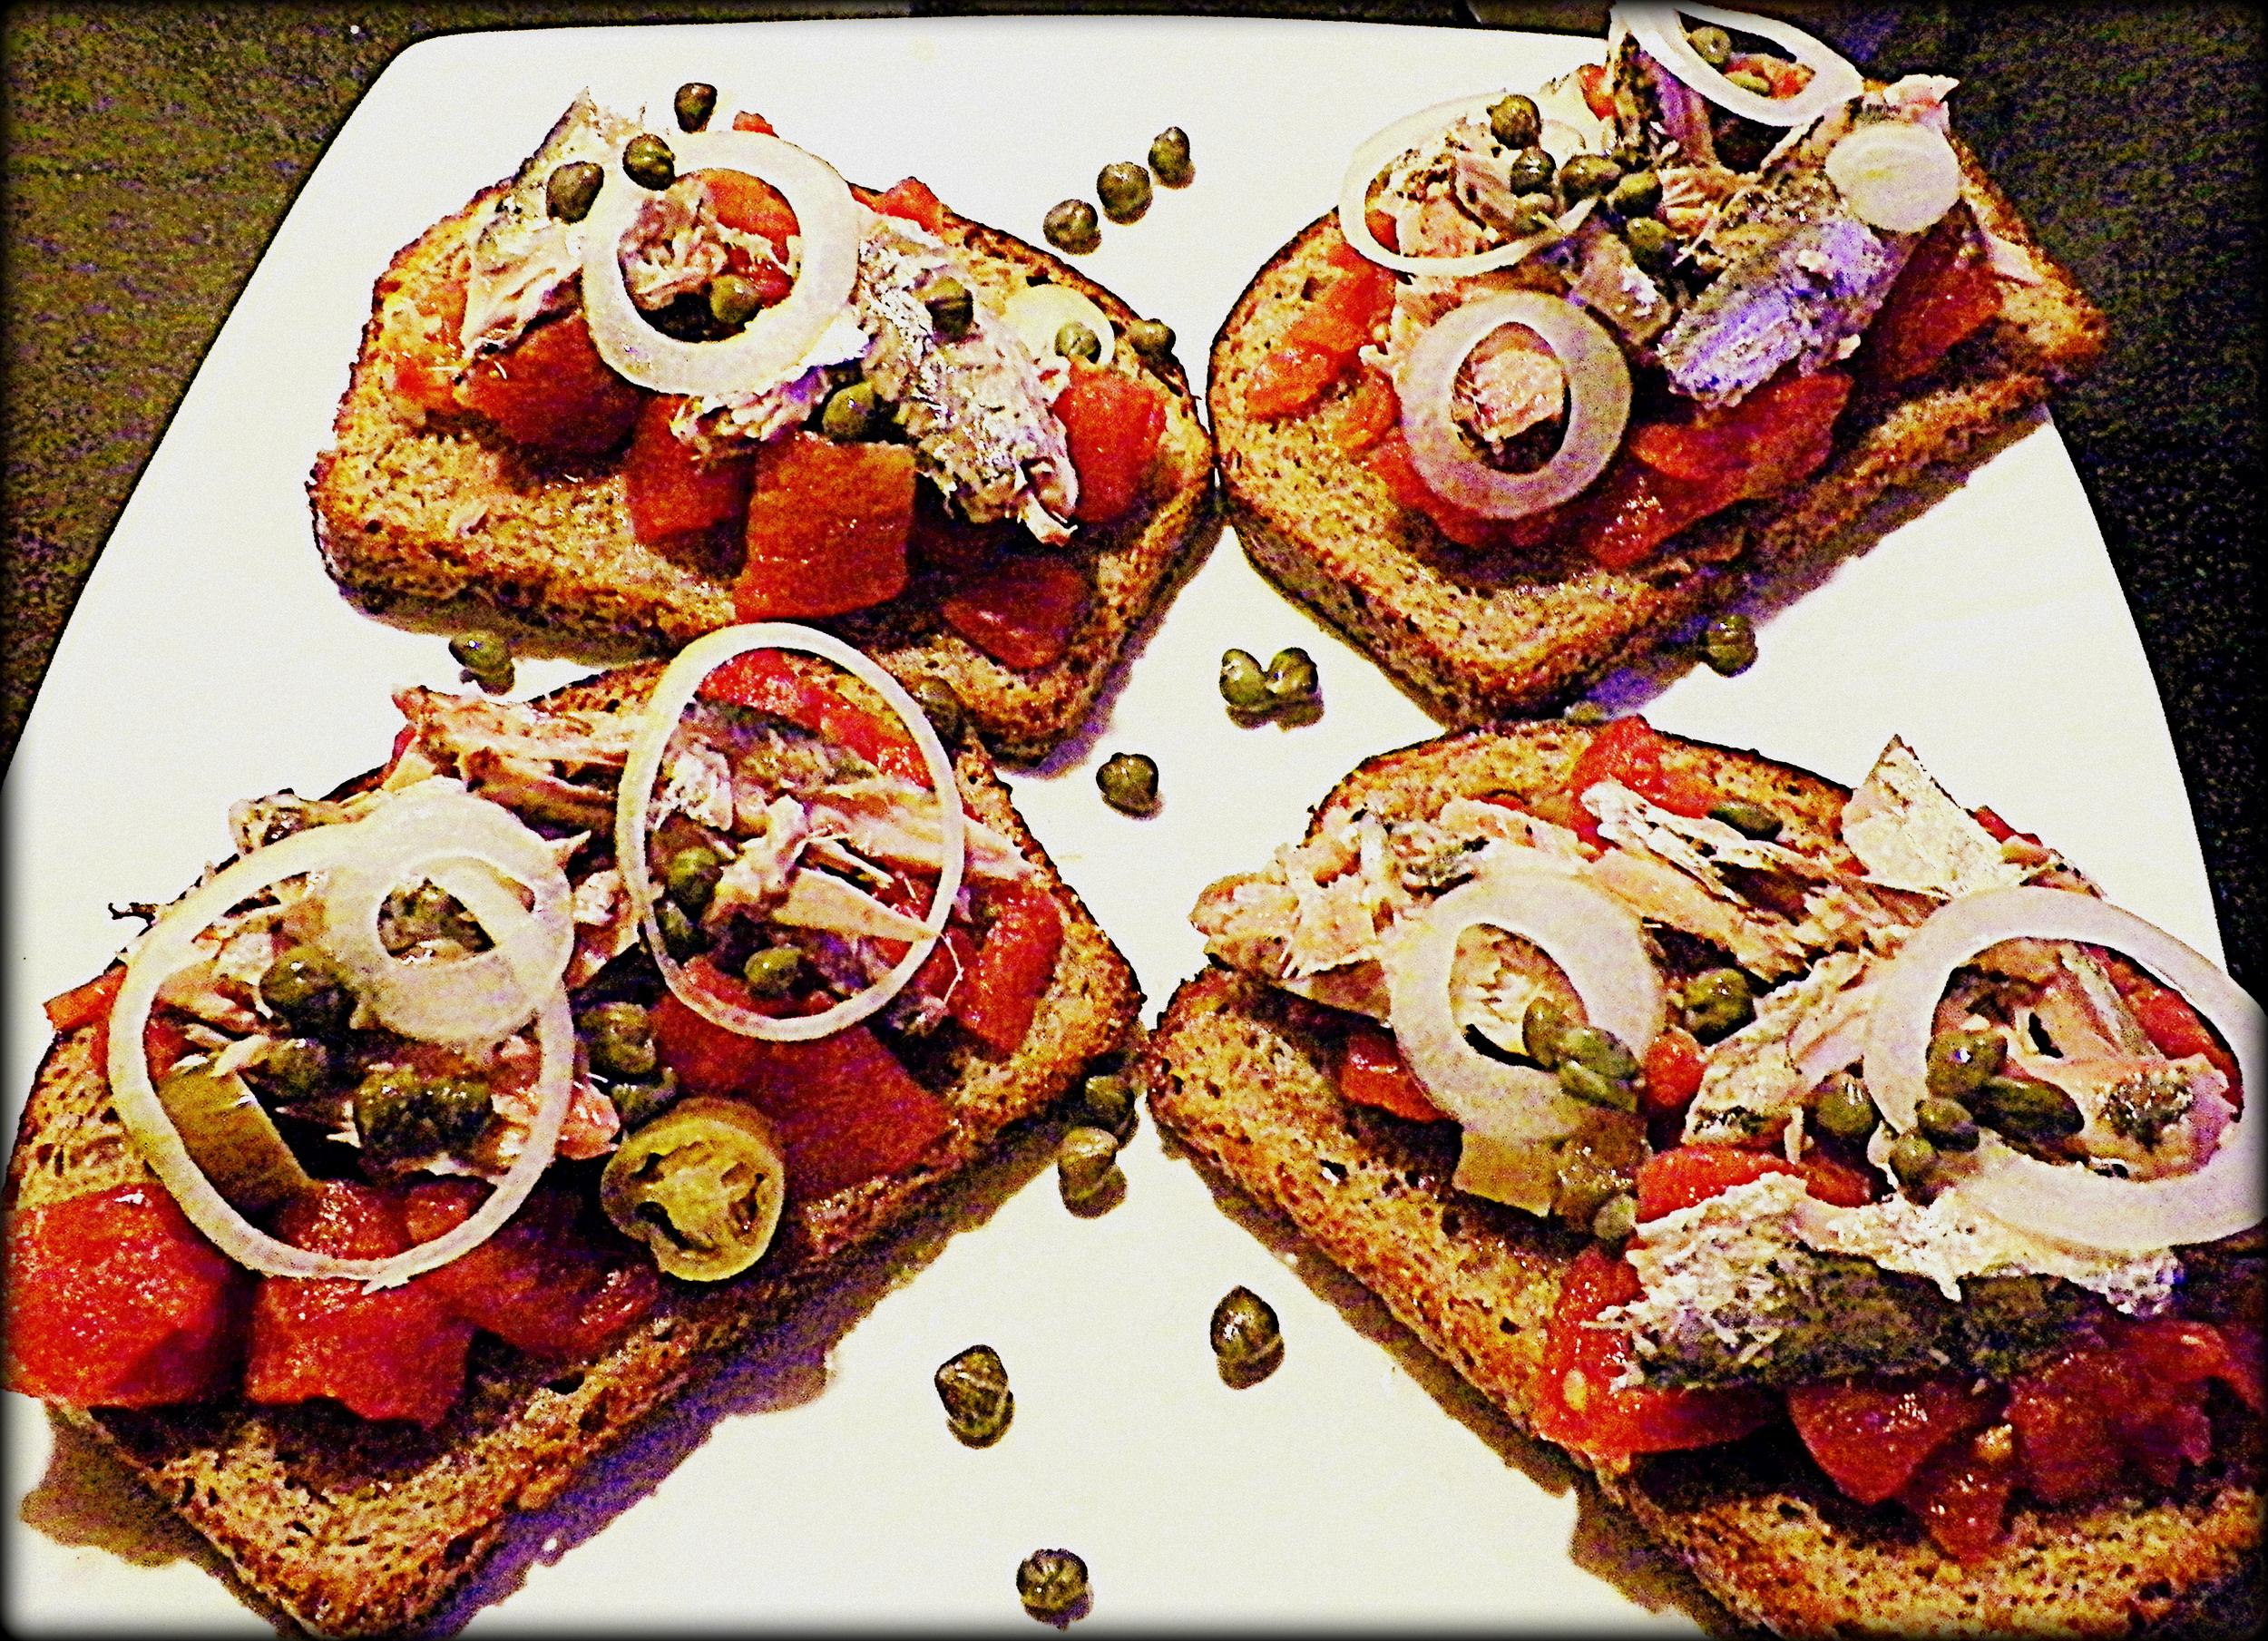 Sardine toasts  2-6-13.JPG